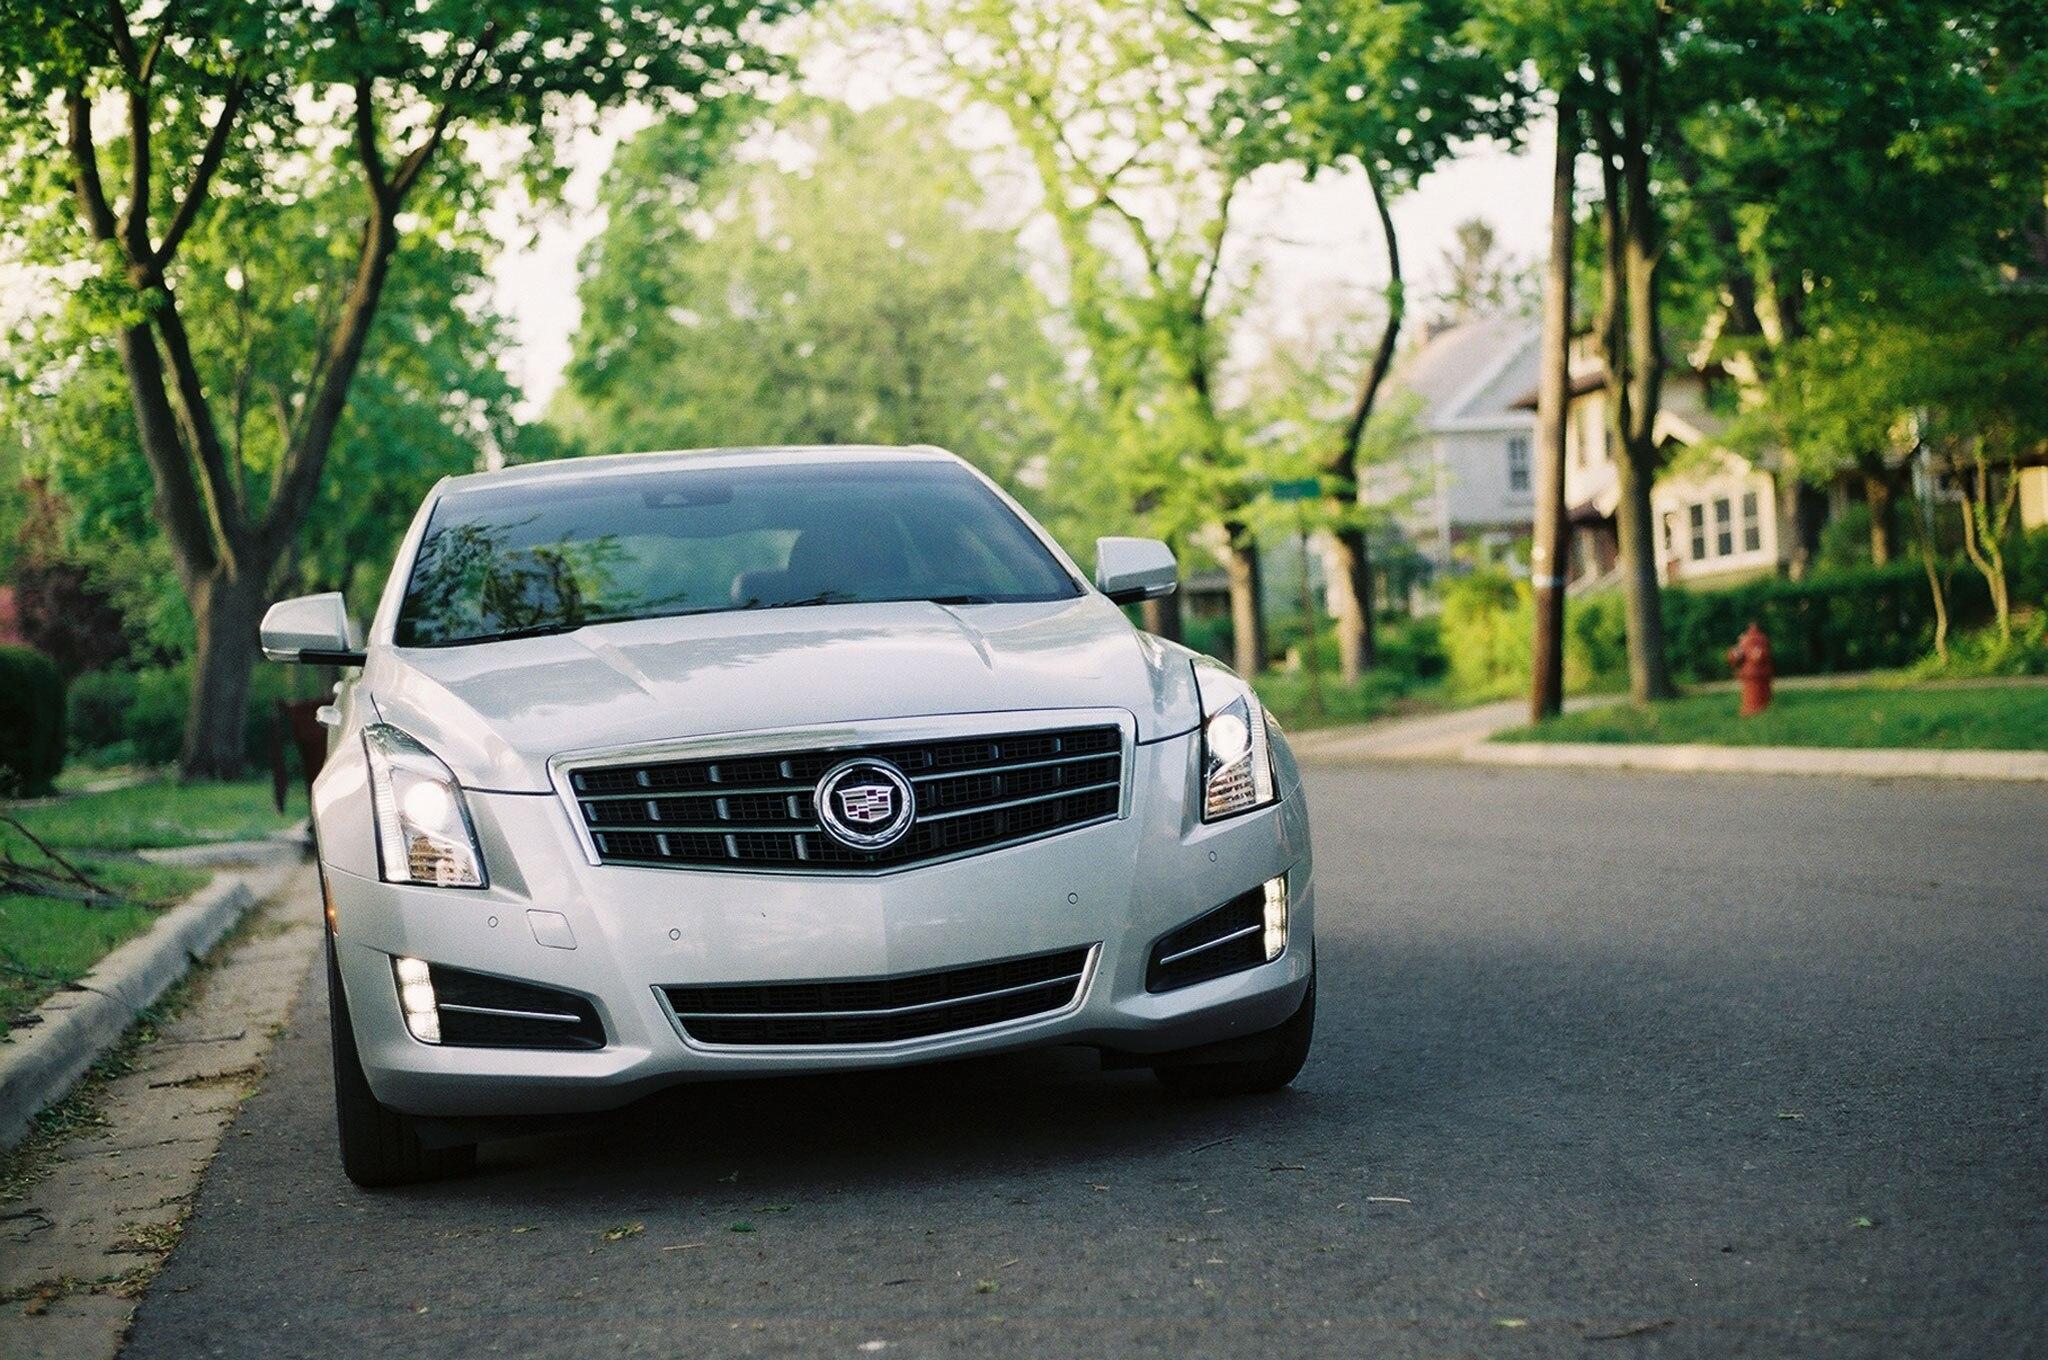 2013 Cadillac ATS Front View1